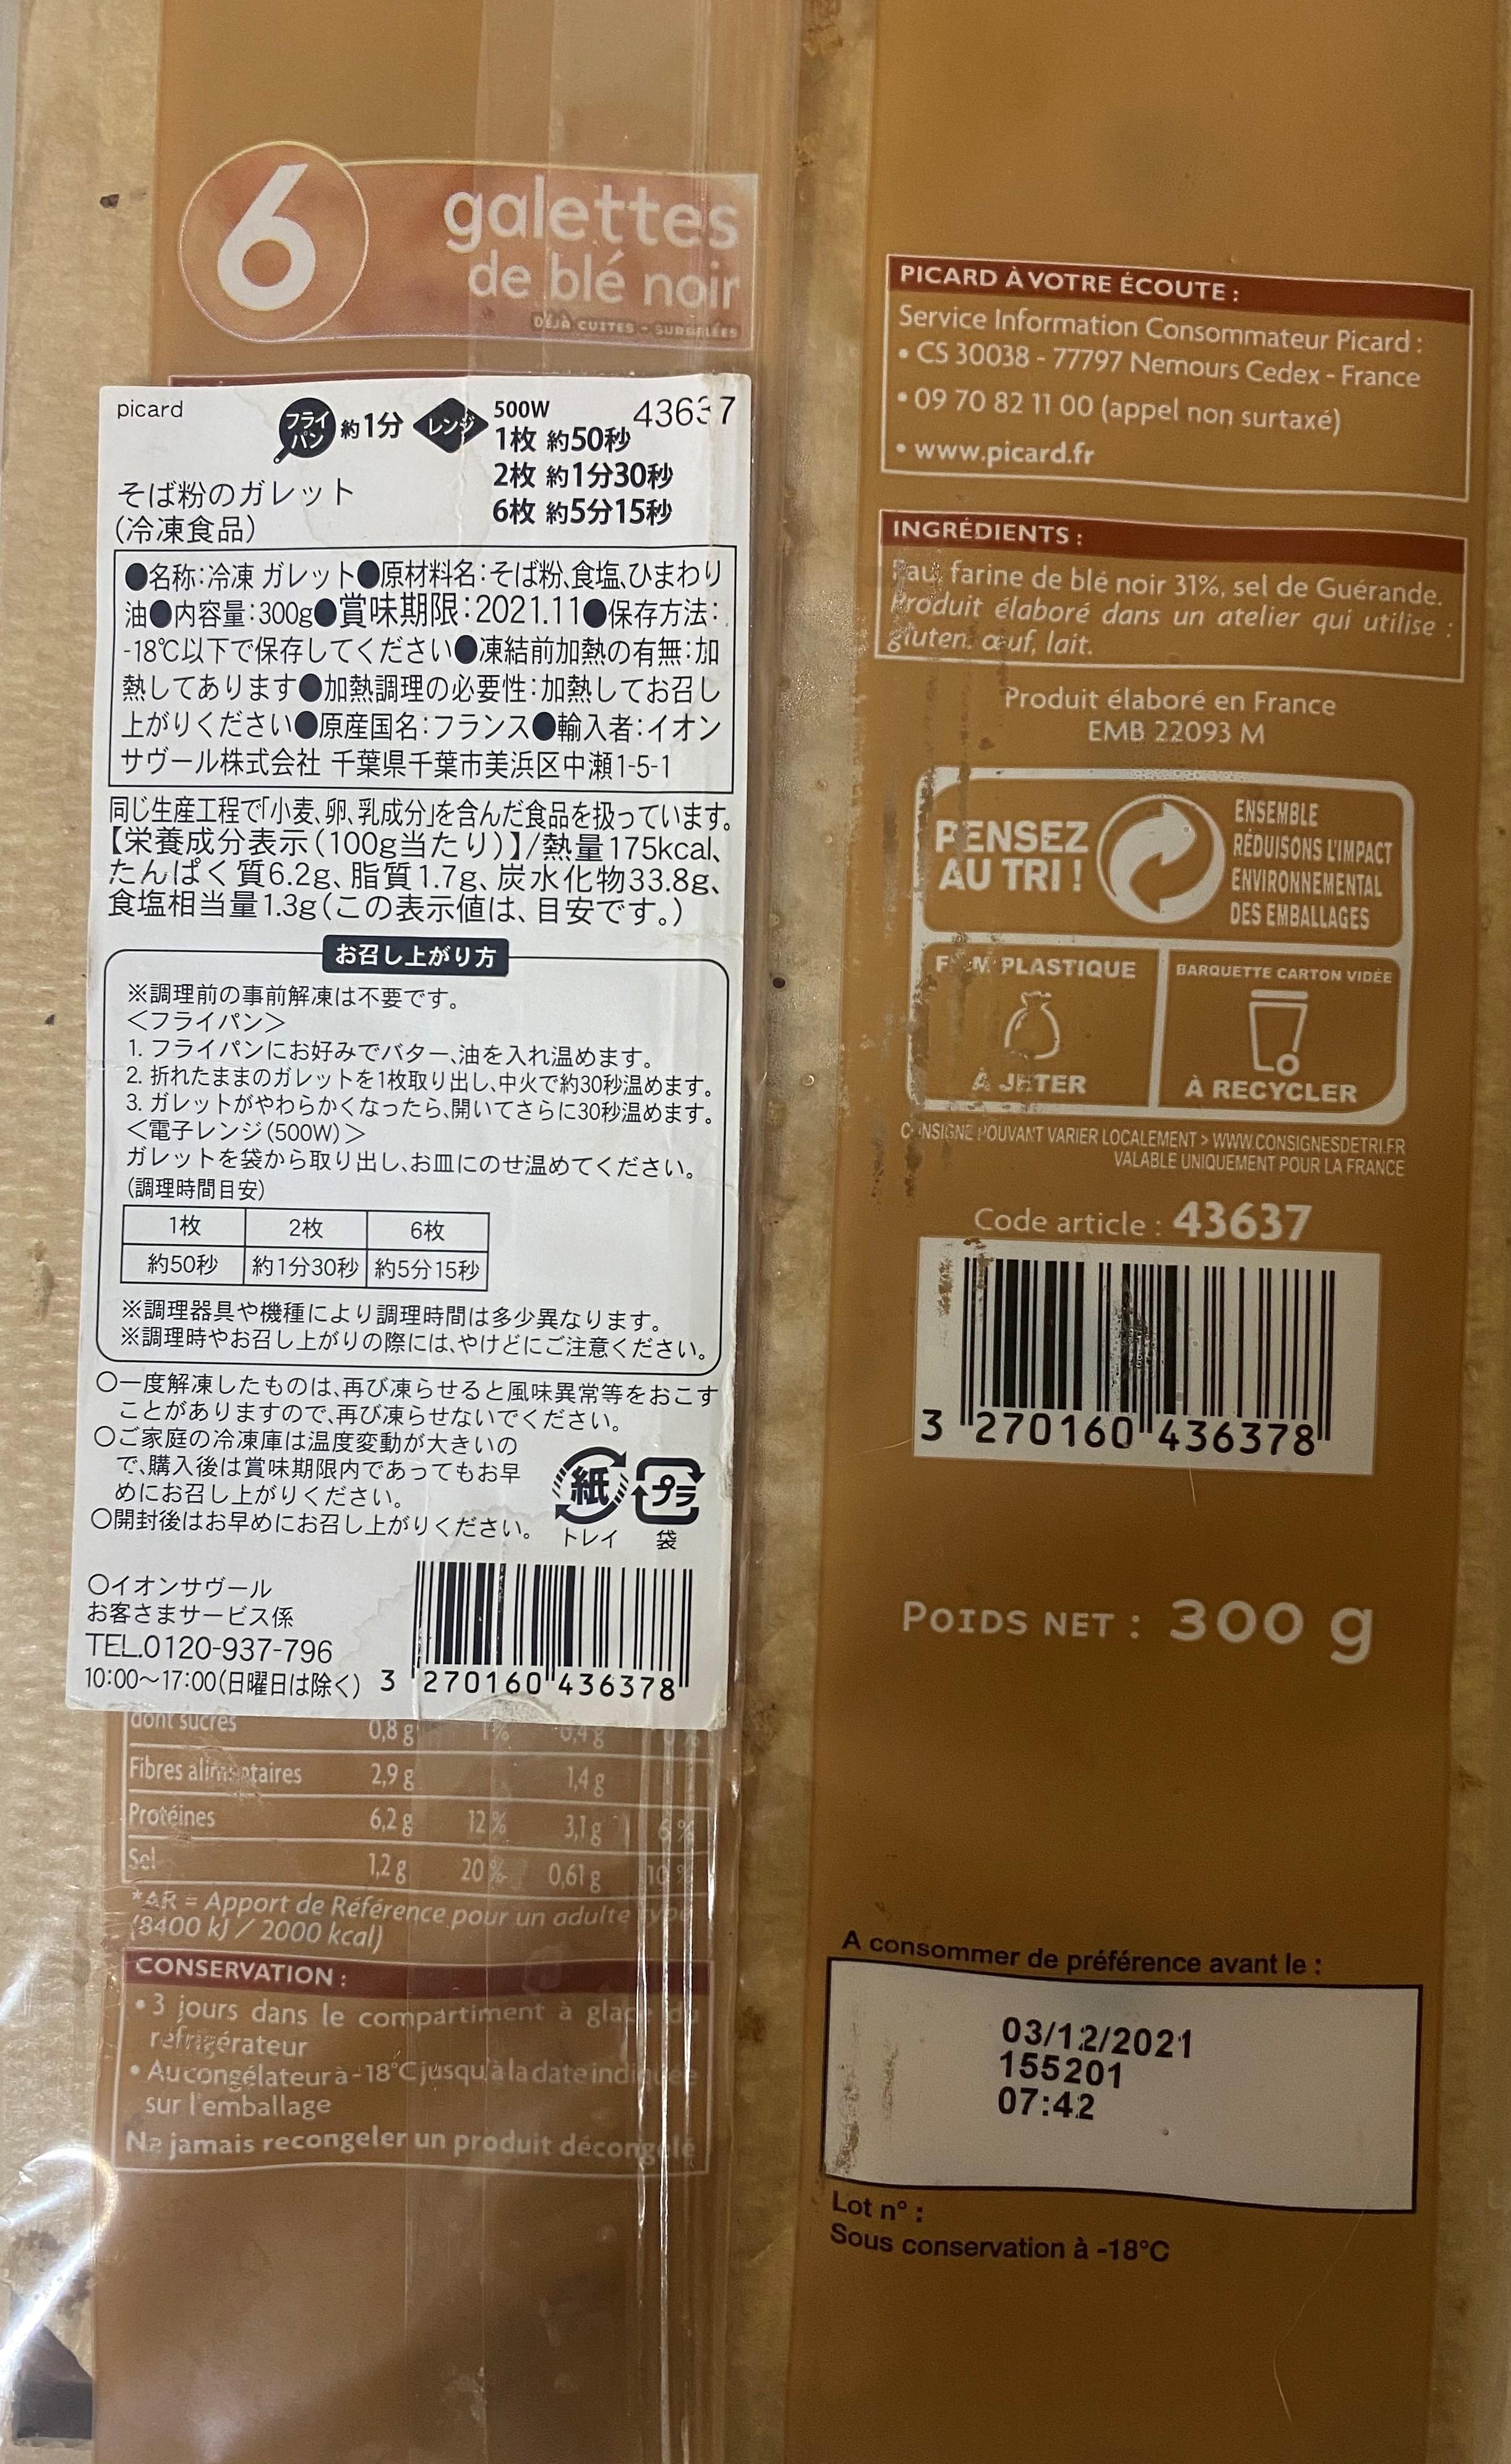 picard galettes de ble noir back of package